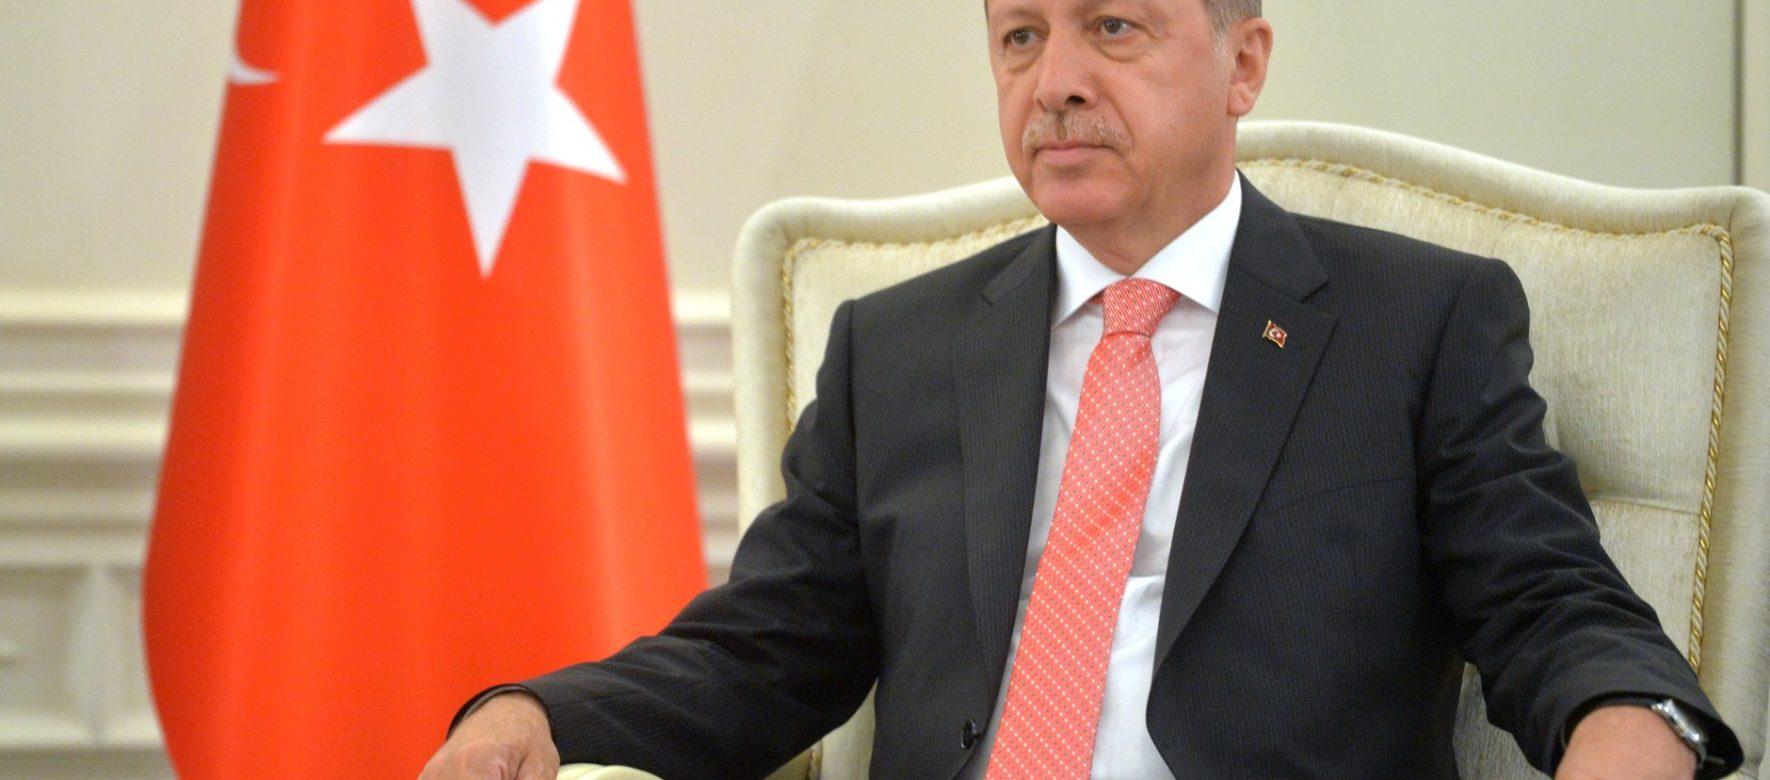 Turquie: camouflet pour Erdogan aux élections municipales